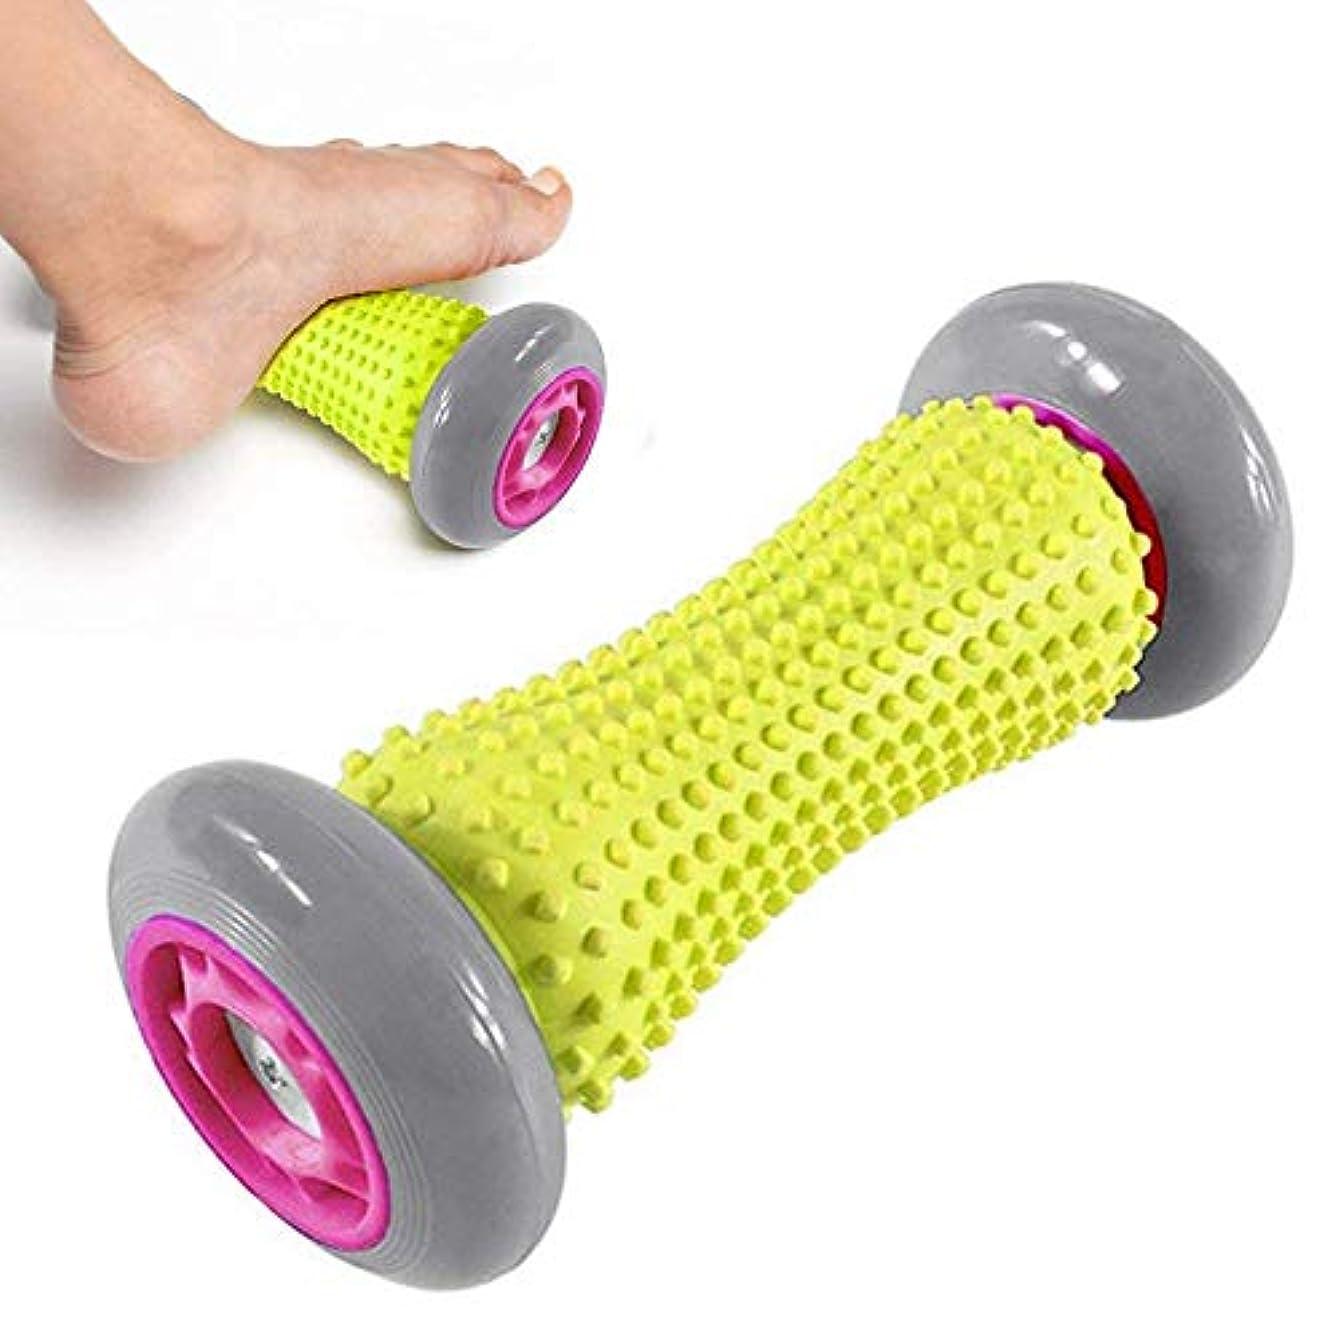 キャッチ泥だらけ欠陥フットマッサージローラー アーチの痛みと足底筋膜炎を和らげ、指圧マッサージツールマッスルリラックスローラースティックリリース 首/肩/腰/背中/太もも/小腿/足マッサージャー 腰痛?肩コリ?筋肉痛改善